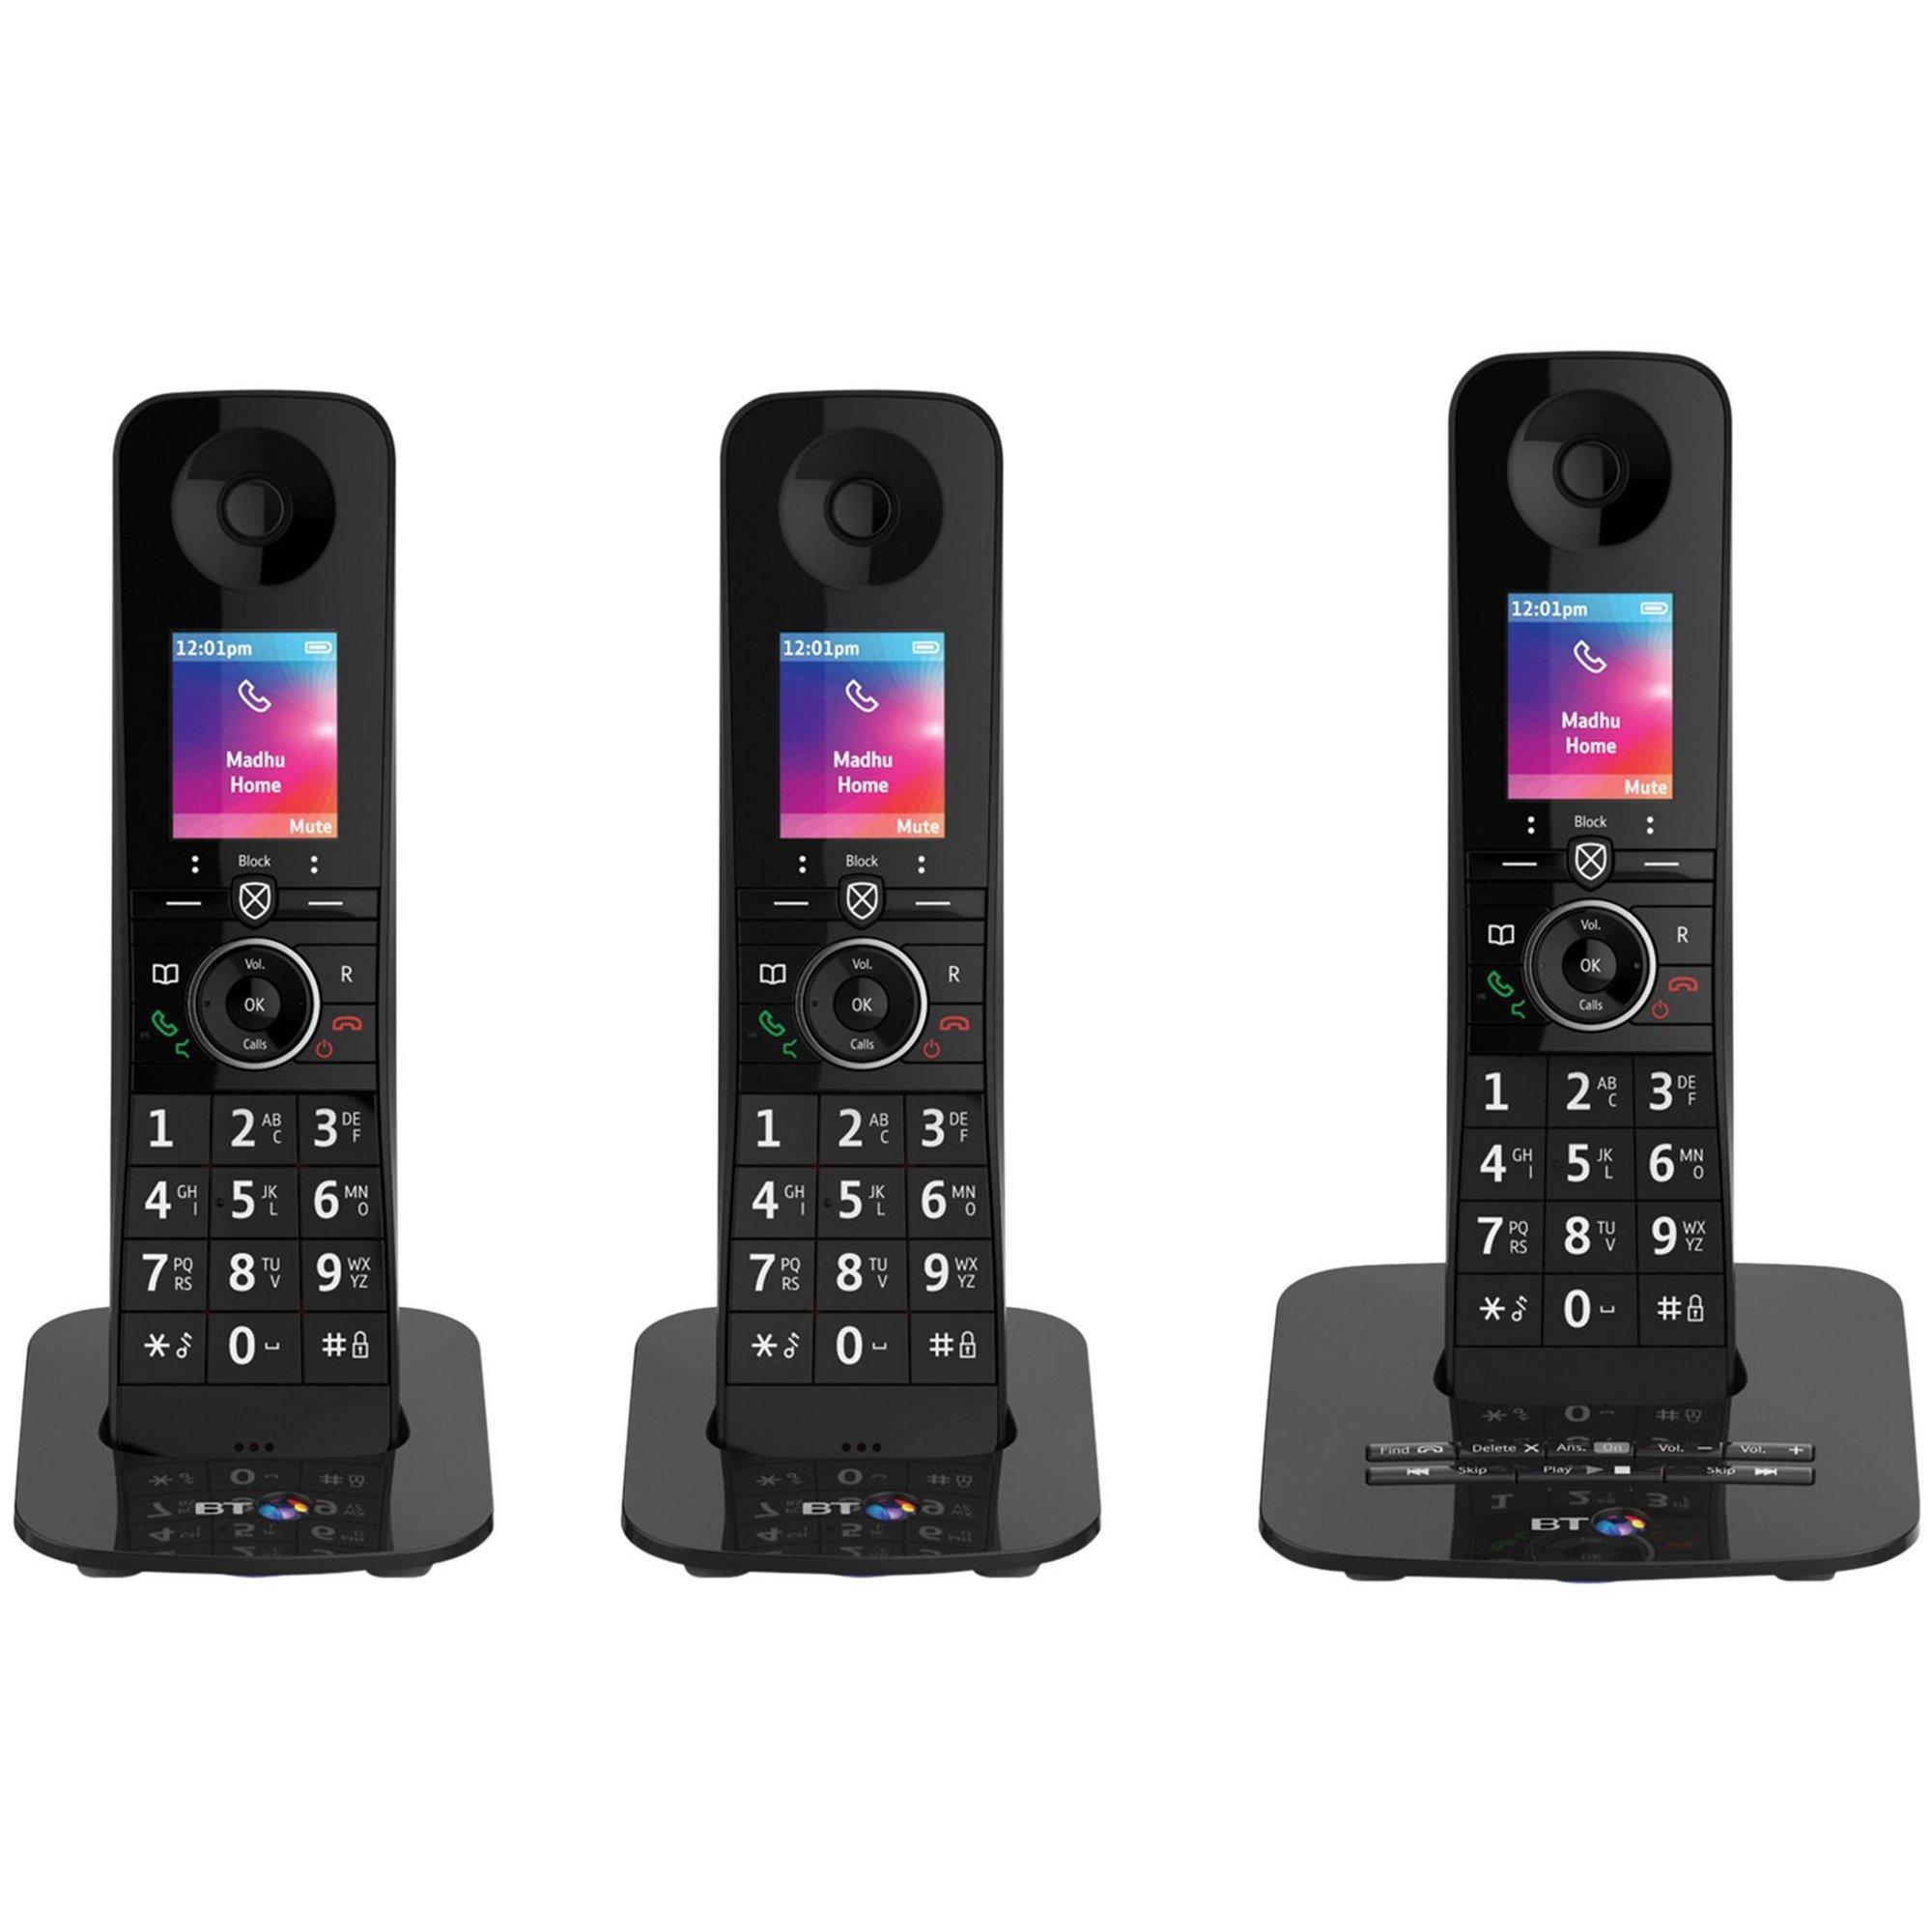 Image of BT Premium Dect Phone Trio